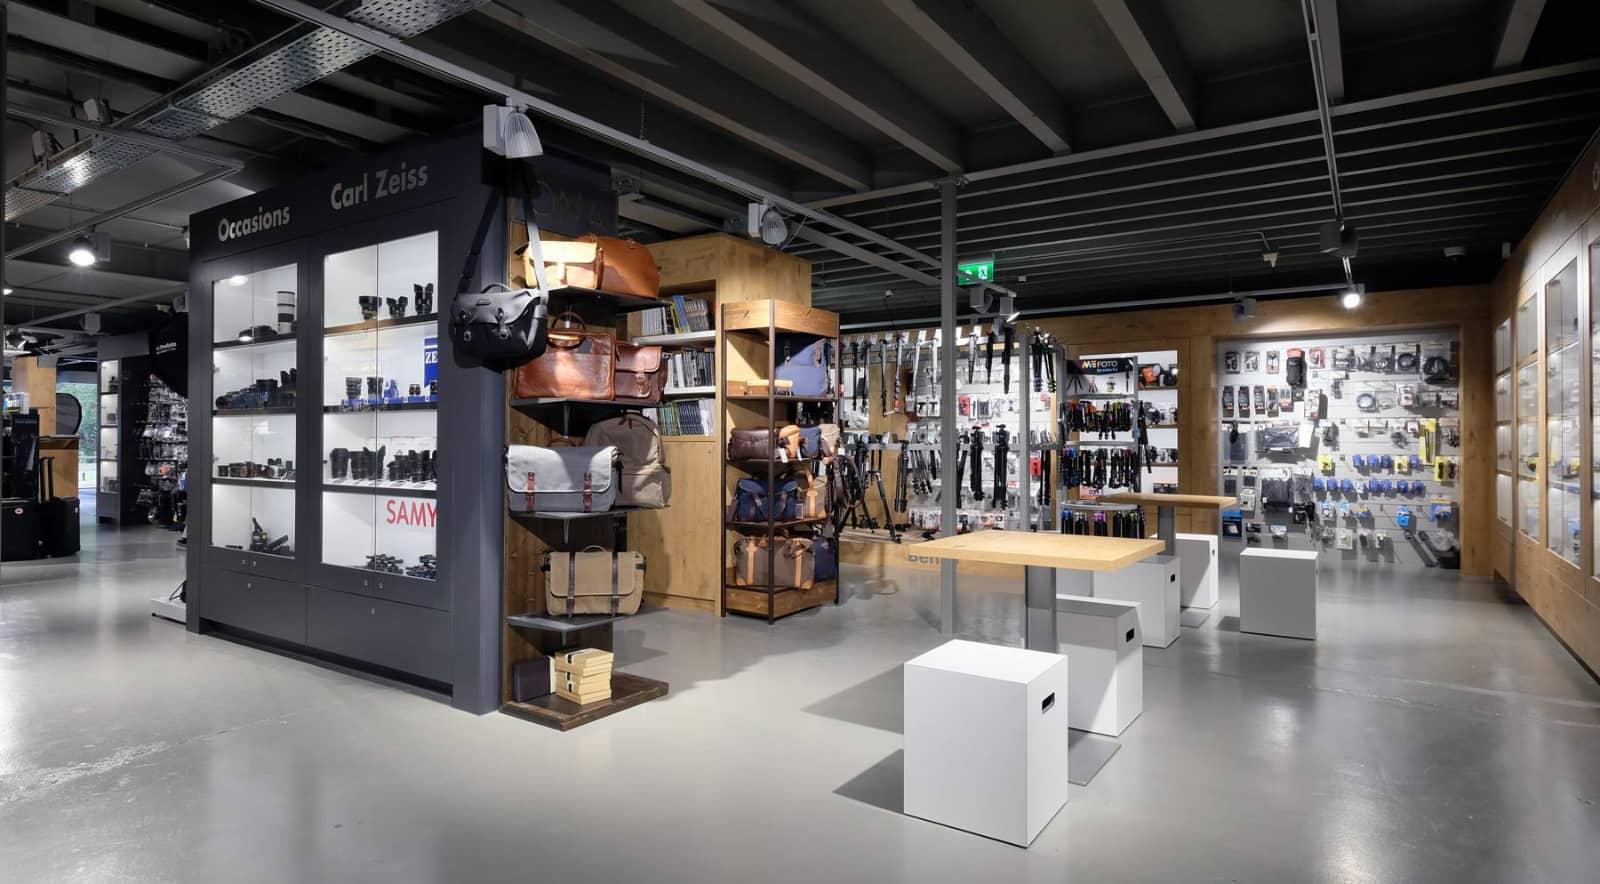 interieur CameraTools winkel in Apeldoorn